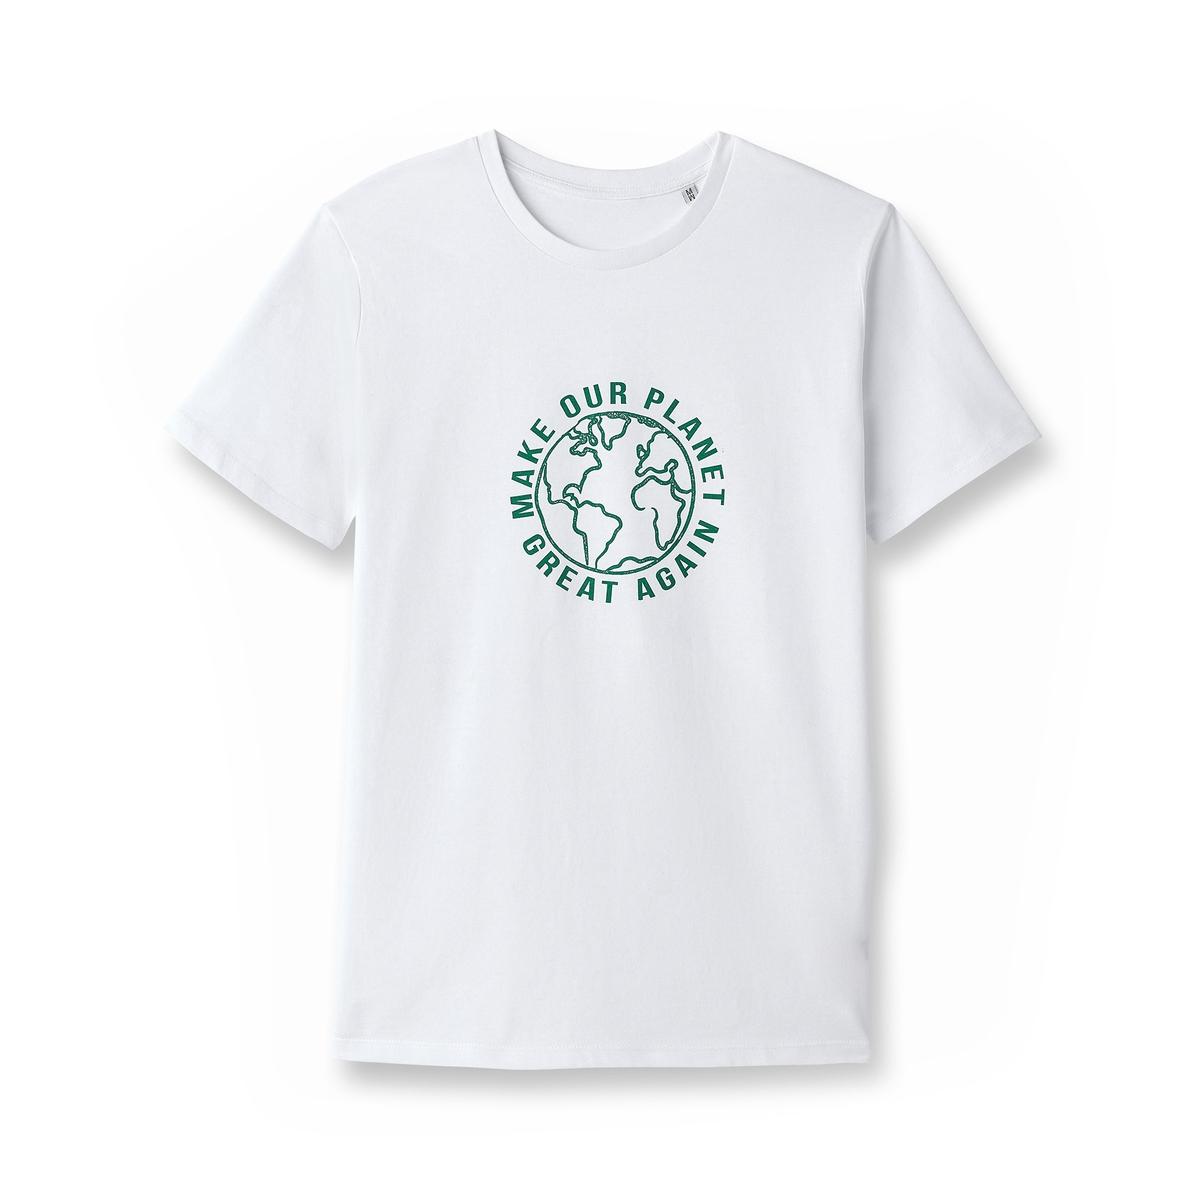 Футболка с надписью из биохлопкаЗа каждую проданную футболку La Redoute перечисляет 1€ Envol'Vert. Собранная сумма позволит участвовать в проекте озеленения леса в Колумбии.                          Более подробно : http://envol-vert.org/projets/restauration-forestiere-et-noyer-maya/                 Состав и описаниеМатериал:100% био-хлопокМарка: La Redoute Collections совместно с Envol'Vert             Уход:             Стирать при 30° с изделиями схожих цветов             Отбеливание запрещено             Гладить при умеренной температуре             Сухая (химическая) чистка запрещена             Машинная сушка запрещена                          Преимущества : Био-продукт.             Выращенный без использования пестицидов и химических удобрений био-хлопок изготовлен с заботой о почве, воде и людях, возделывающих его.             Мы заботимся о сохранении окружающей среды и здоровья людей.<br><br>Цвет: белый,серый меланж